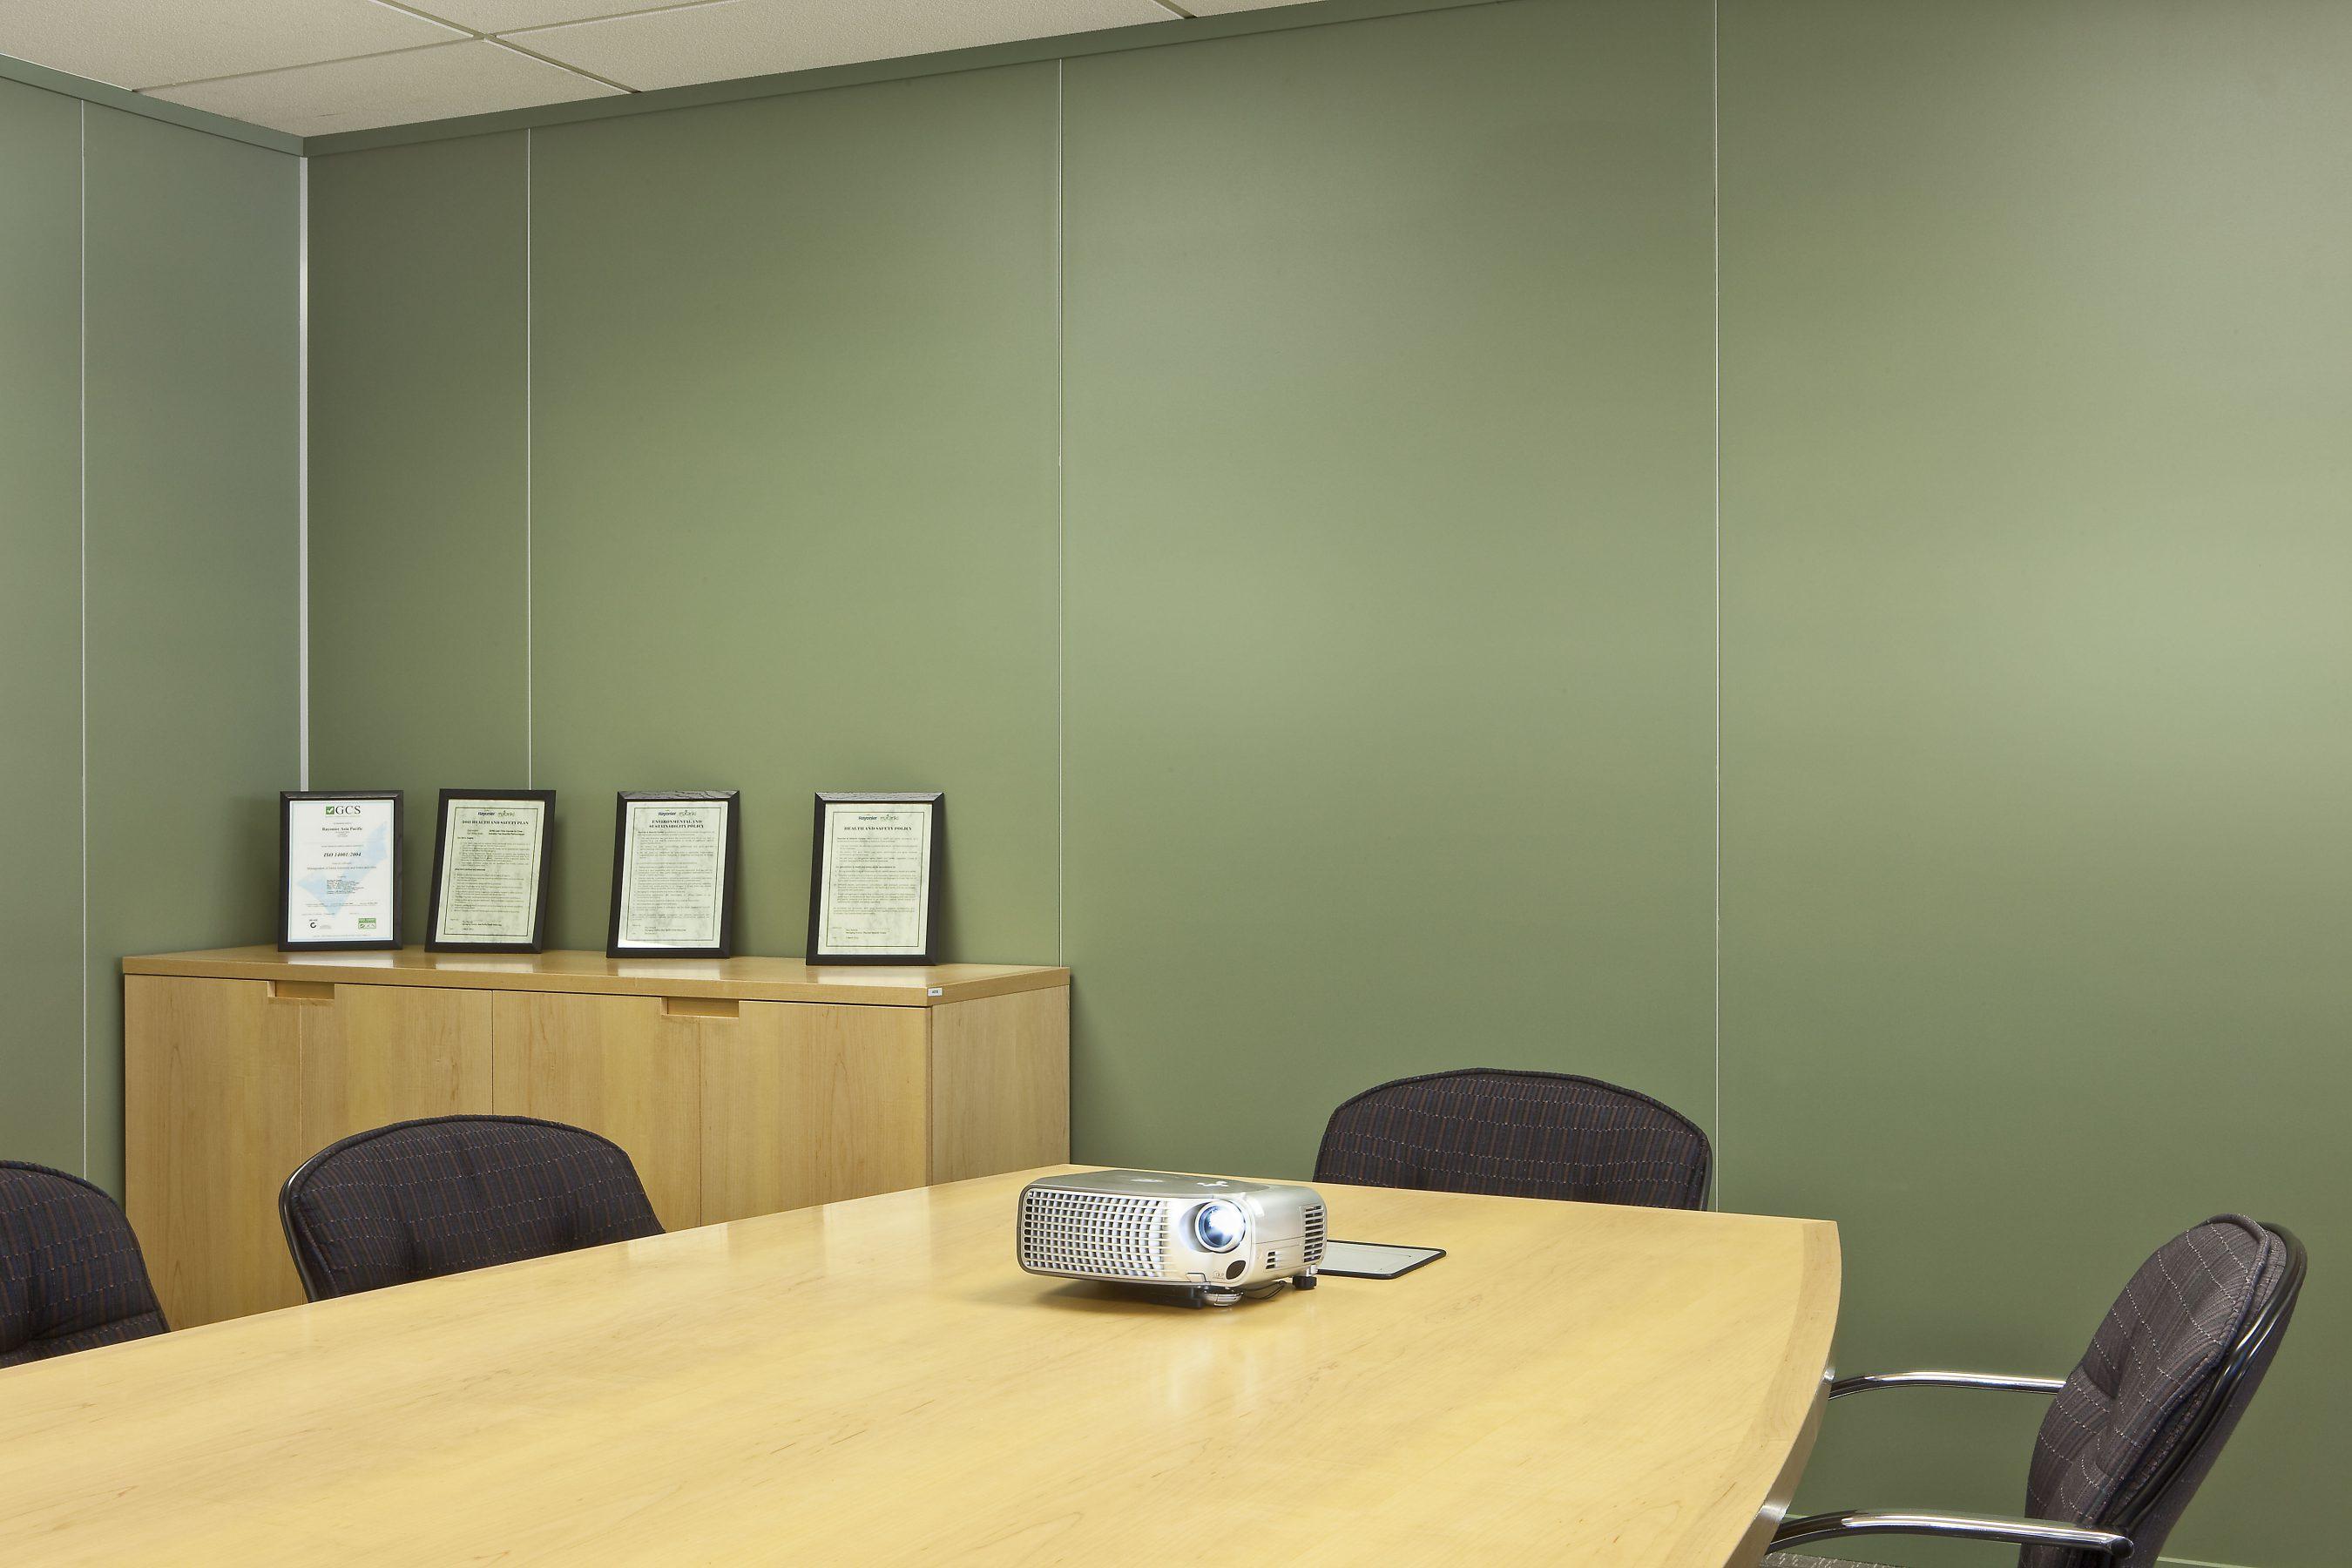 Surface minimale bureau open space: buy surface studio microsoft